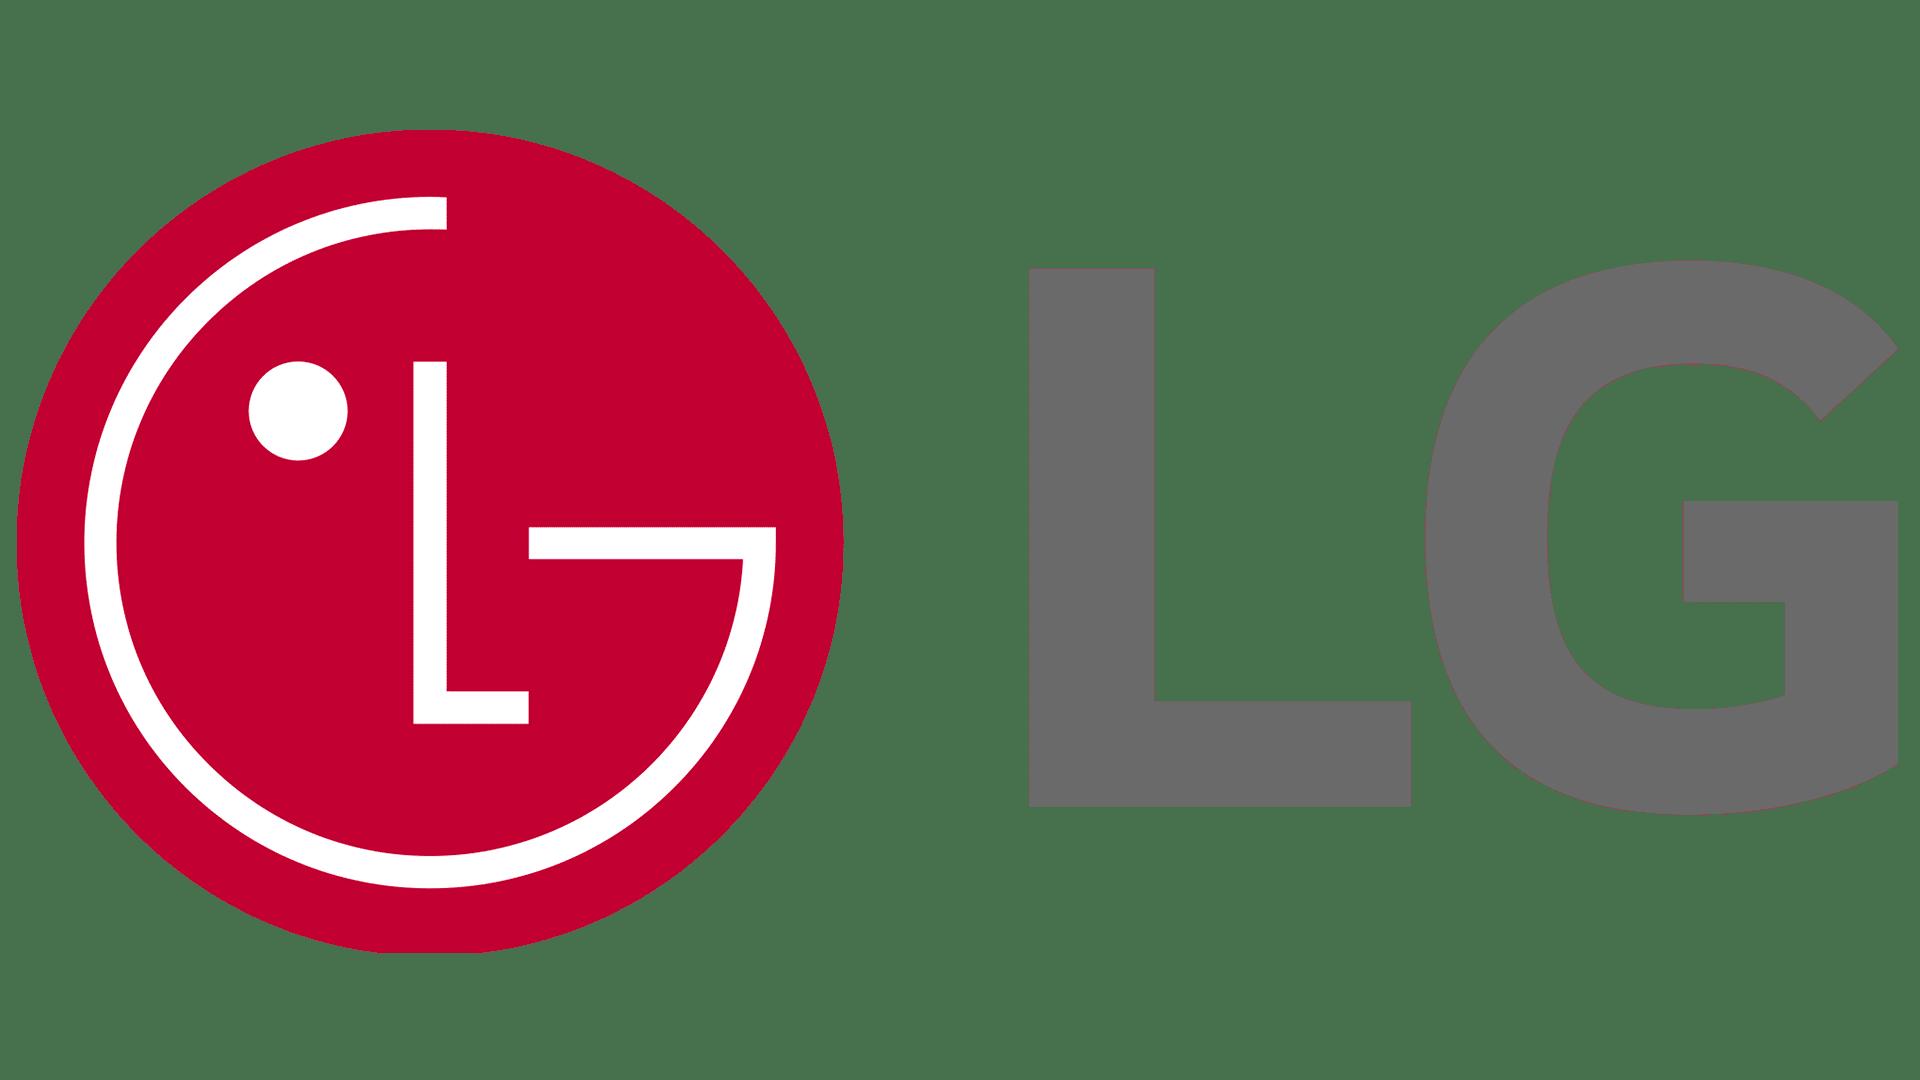 LOGO LG - RUISSEAU CHAUFFAGE